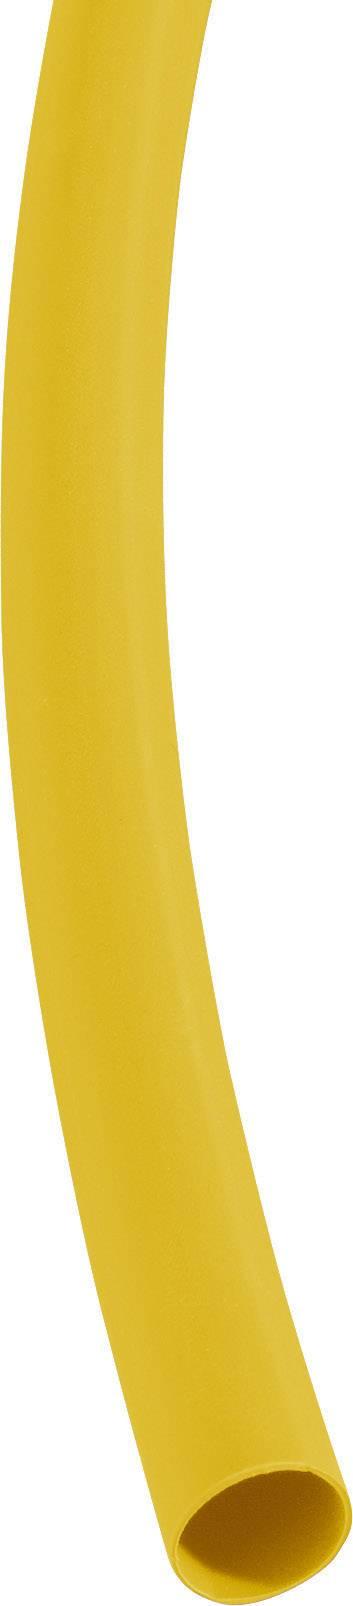 Zmršťovacie bužírky nelepiace DSG Canusa DERAY-I3000 3290060103, 3:1, 6.40 mm, žltá, metrový tovar